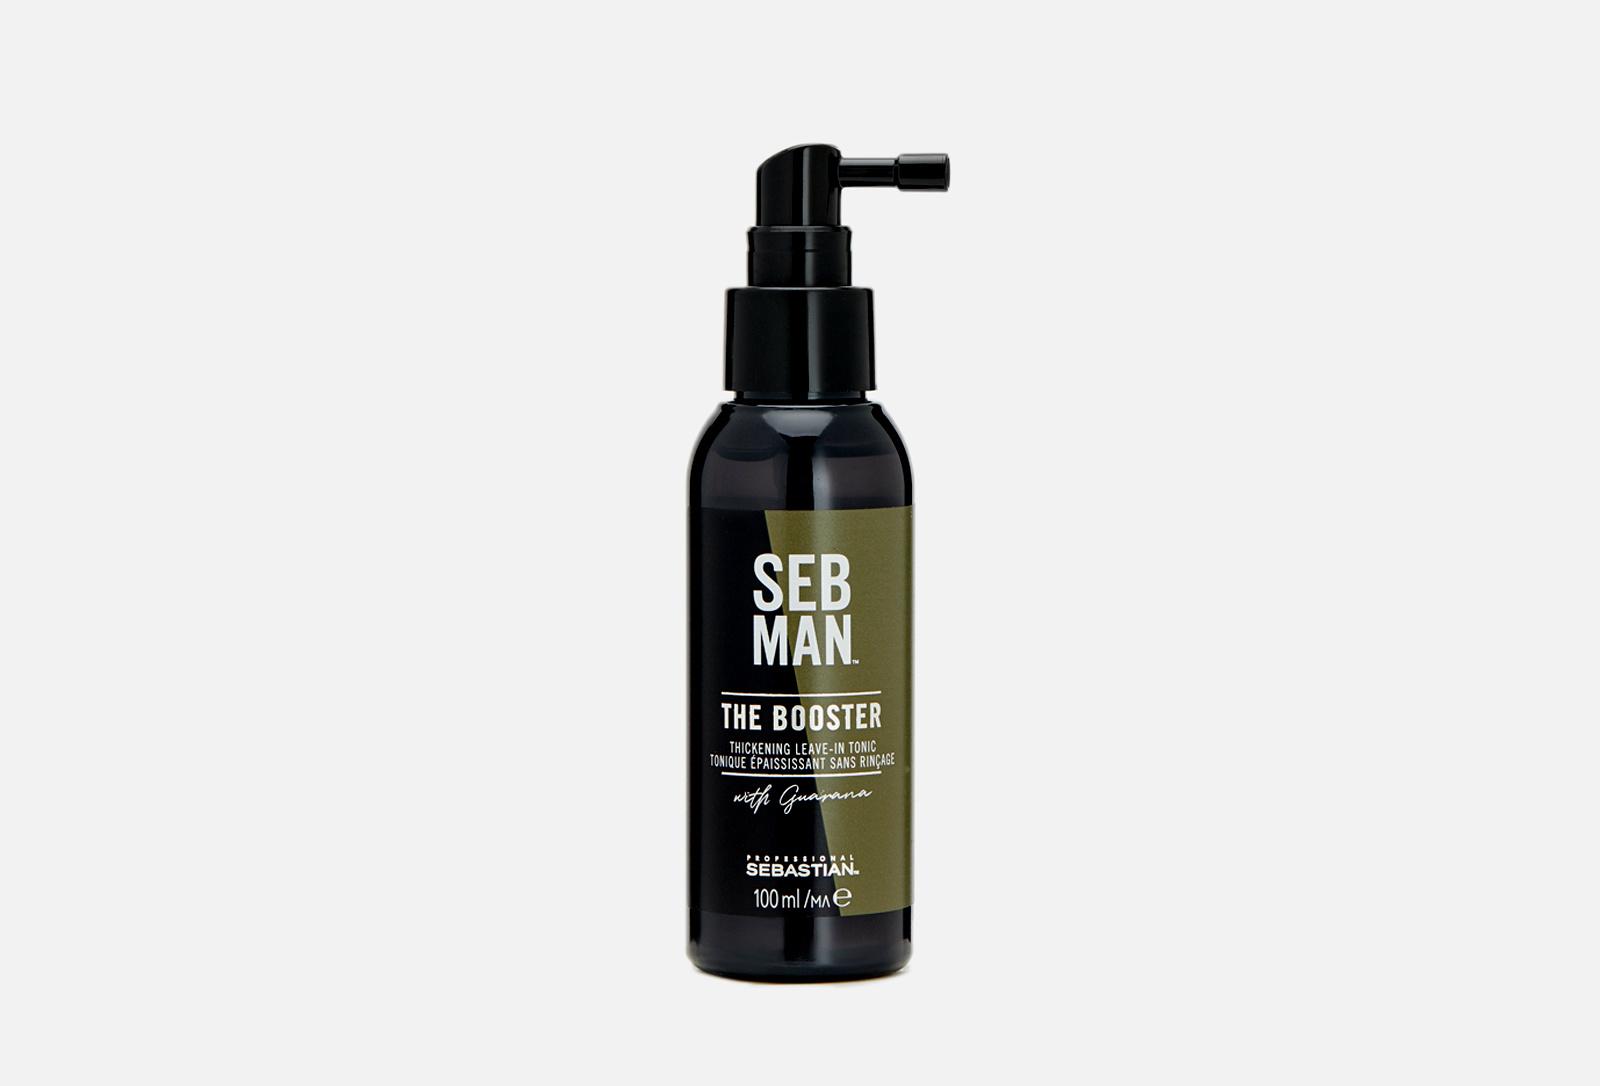 Купить Несмываемый тоник THE BOOSTER для заметной густоты волос, 100 мл, Sebman